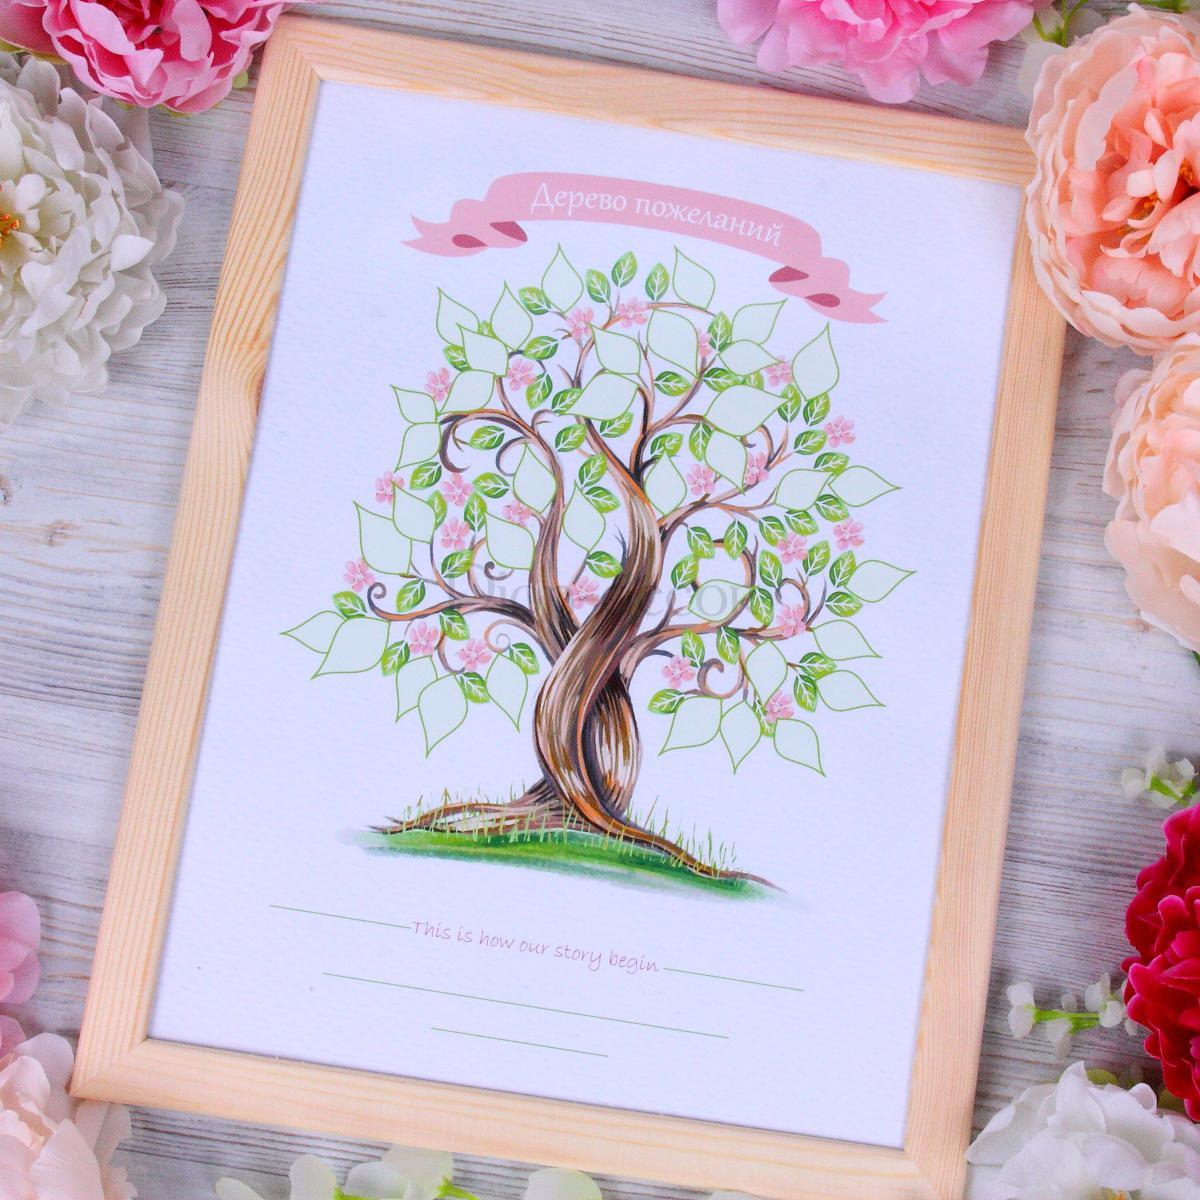 Дерево на свадьбу поздравление 46